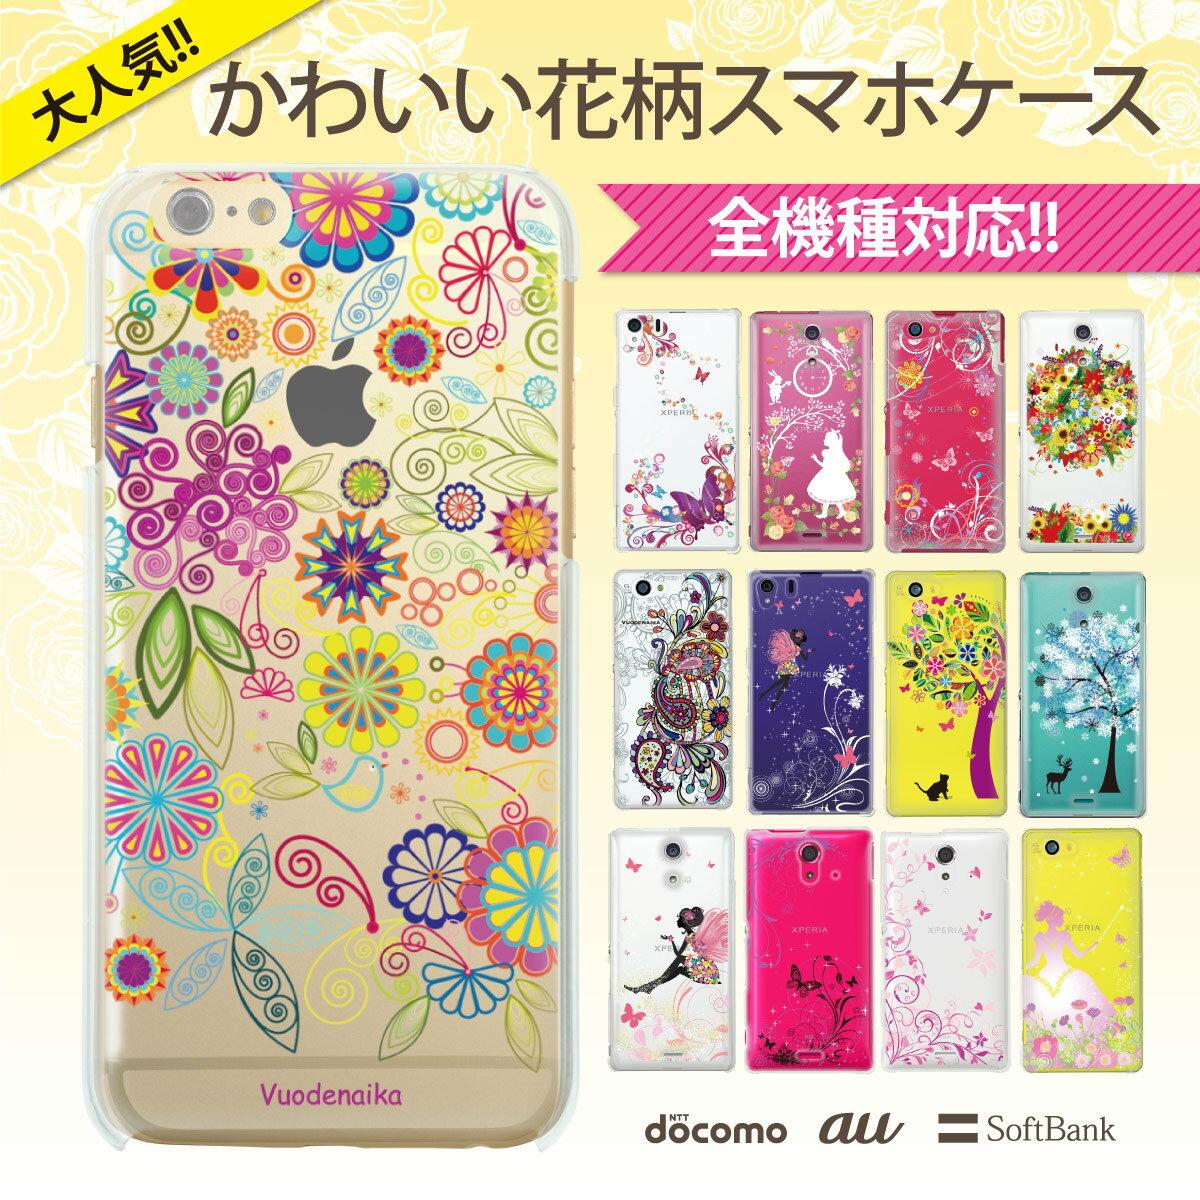 スマホケース 全機種対応 ケース カバー ハードケース クリアケースiPhoneX iPhone8 iPhone7s Plus iPhone7 iPhone6s iPhone6 Plus iPhone SE 5s Xperia XZ1 SO-01K SO-02K XZ so-04j XZs so-03j aquos R SH-01K SHV41 花柄 08-zen-hanagara